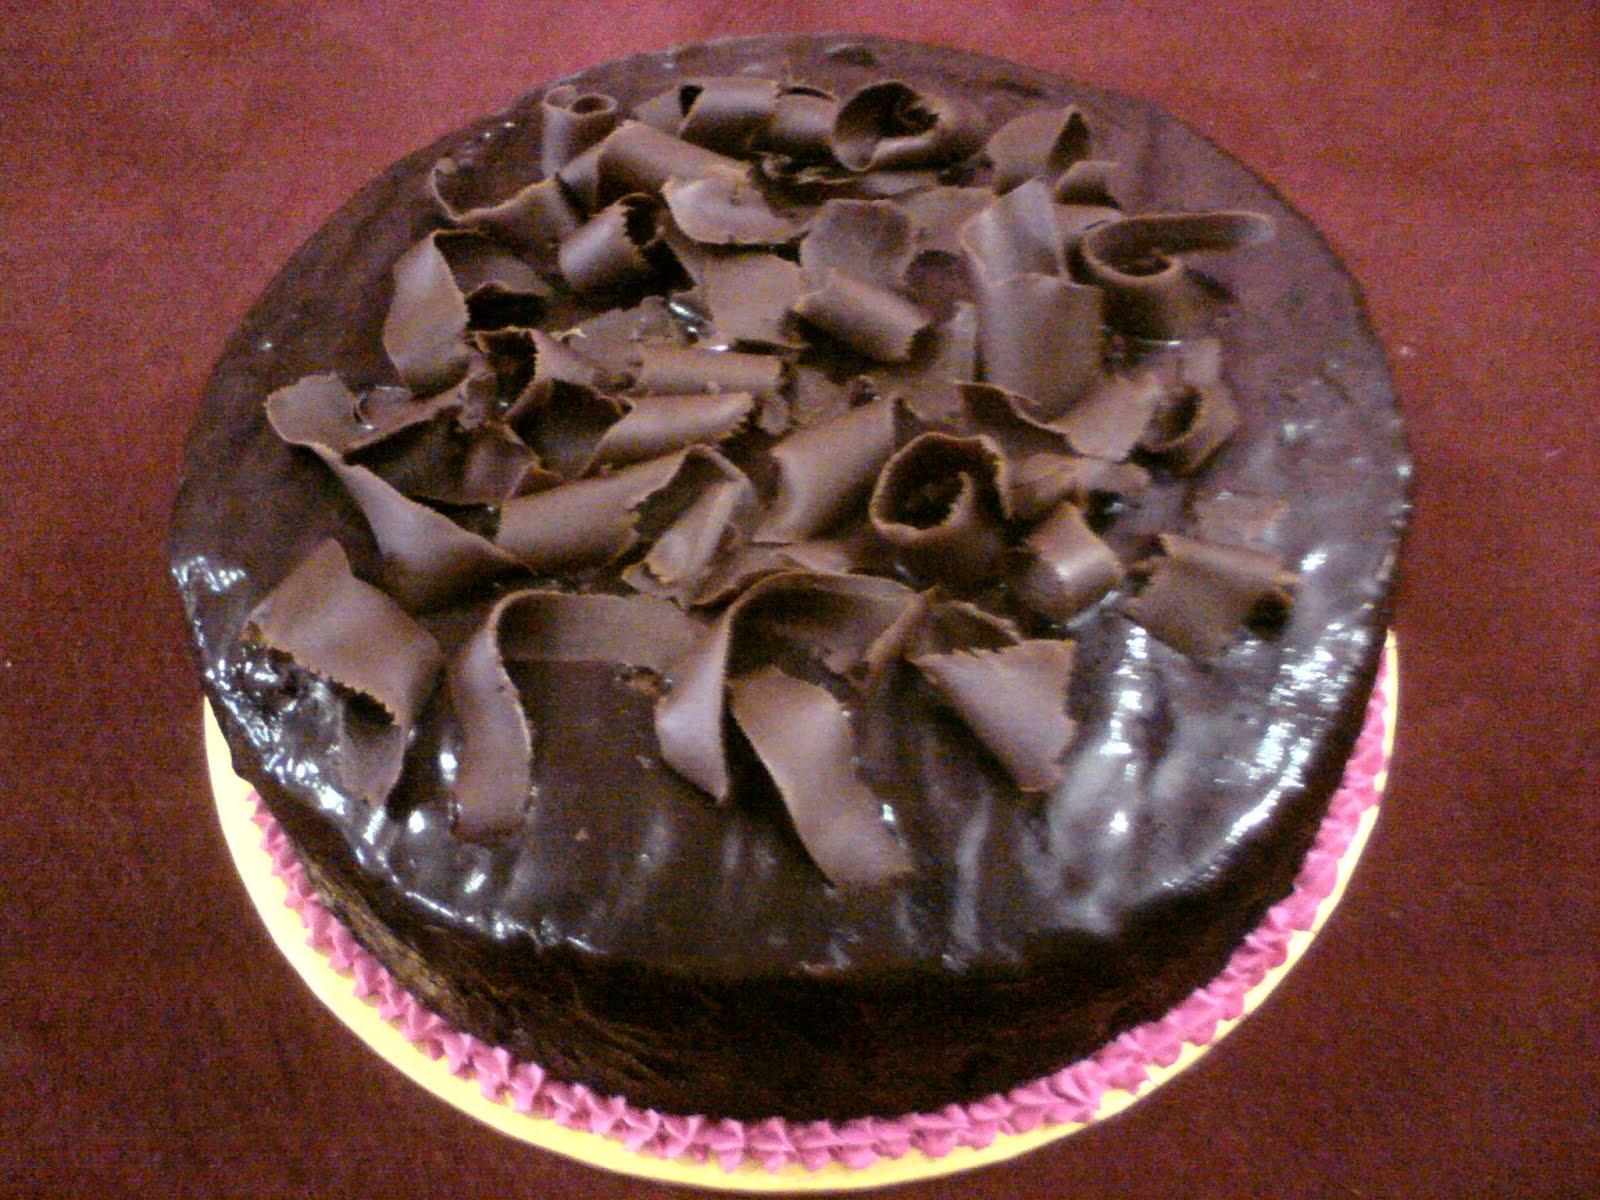 resepi+kek+gula+hangus+kek+span+coklat+SITI+KHADIJAH.JPG